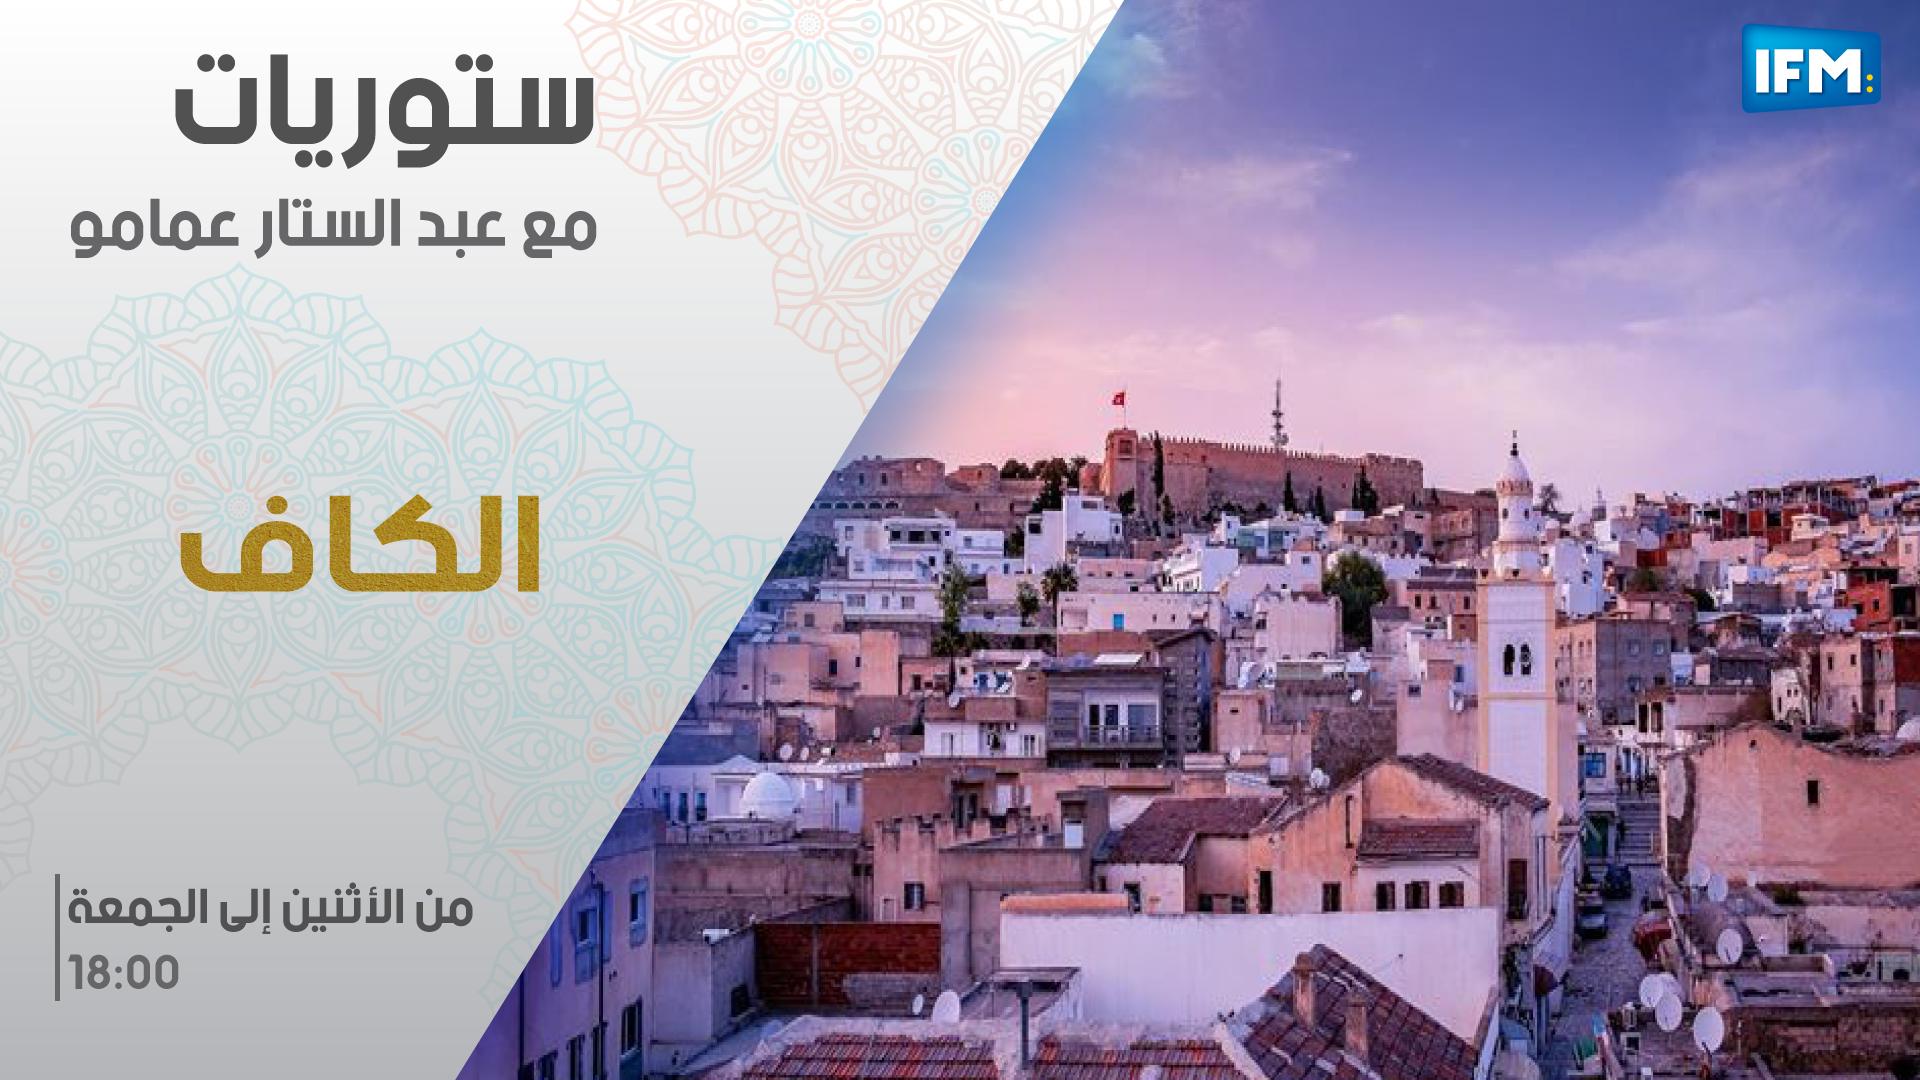 IFM ORIGINALS في ستوريات عبد الستار عمامو اليوم يحكيلنا على مدينة الكاف